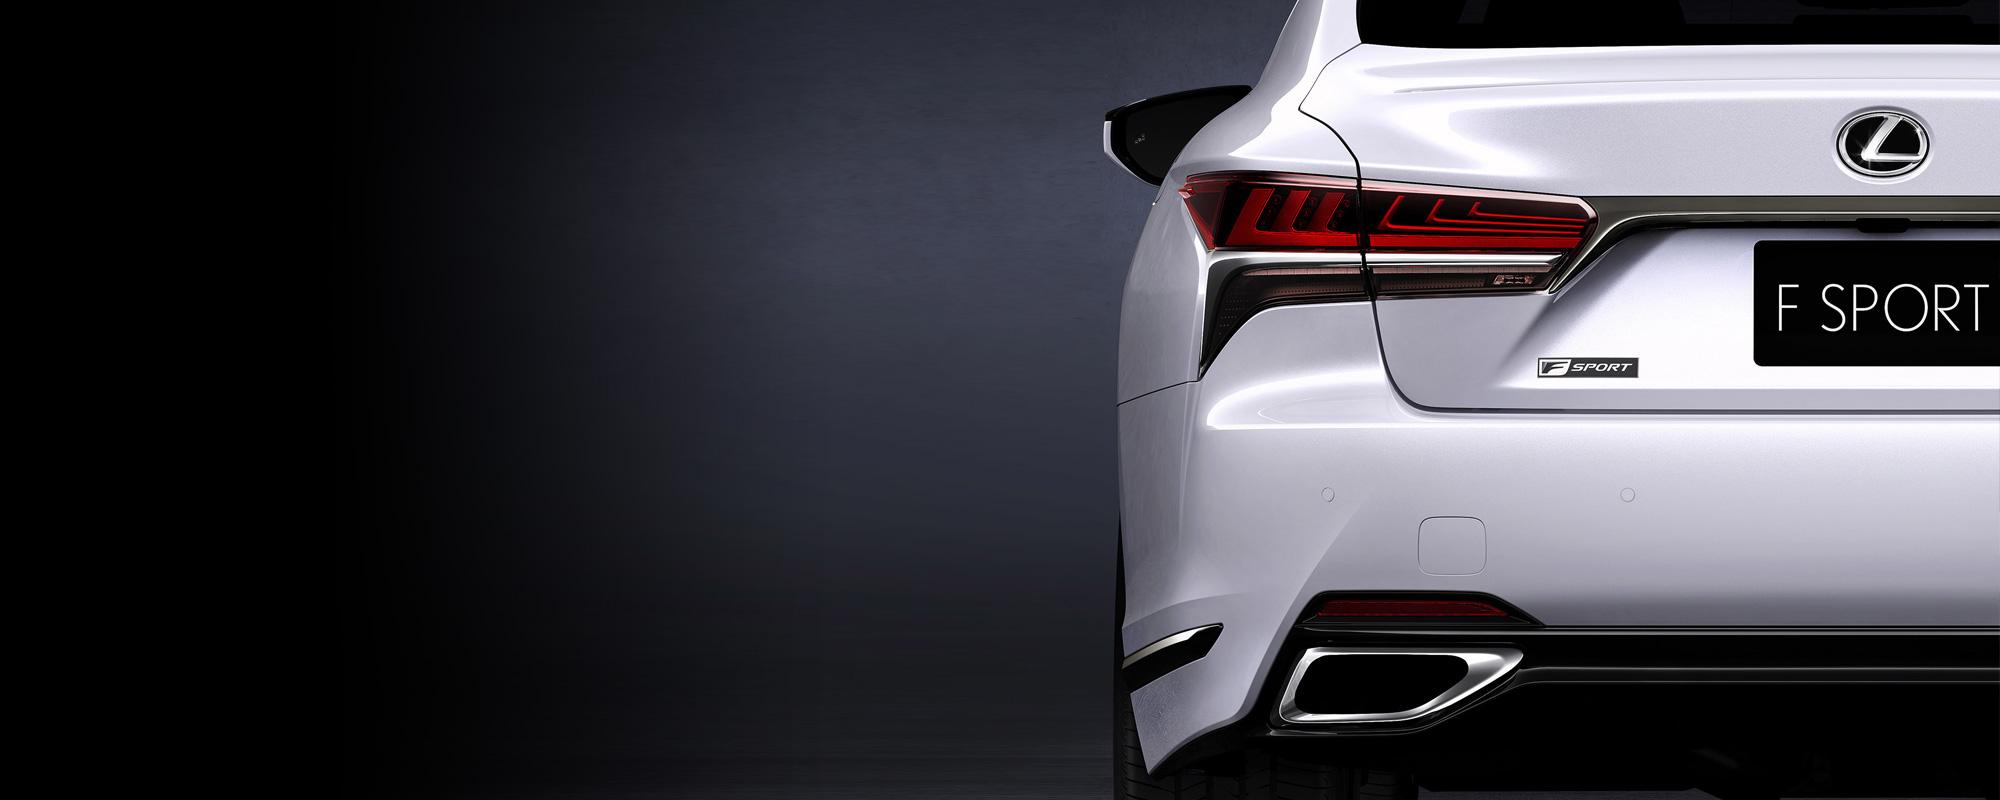 Nieuwe Lexus LS 500 F SPORT debuteert in New York